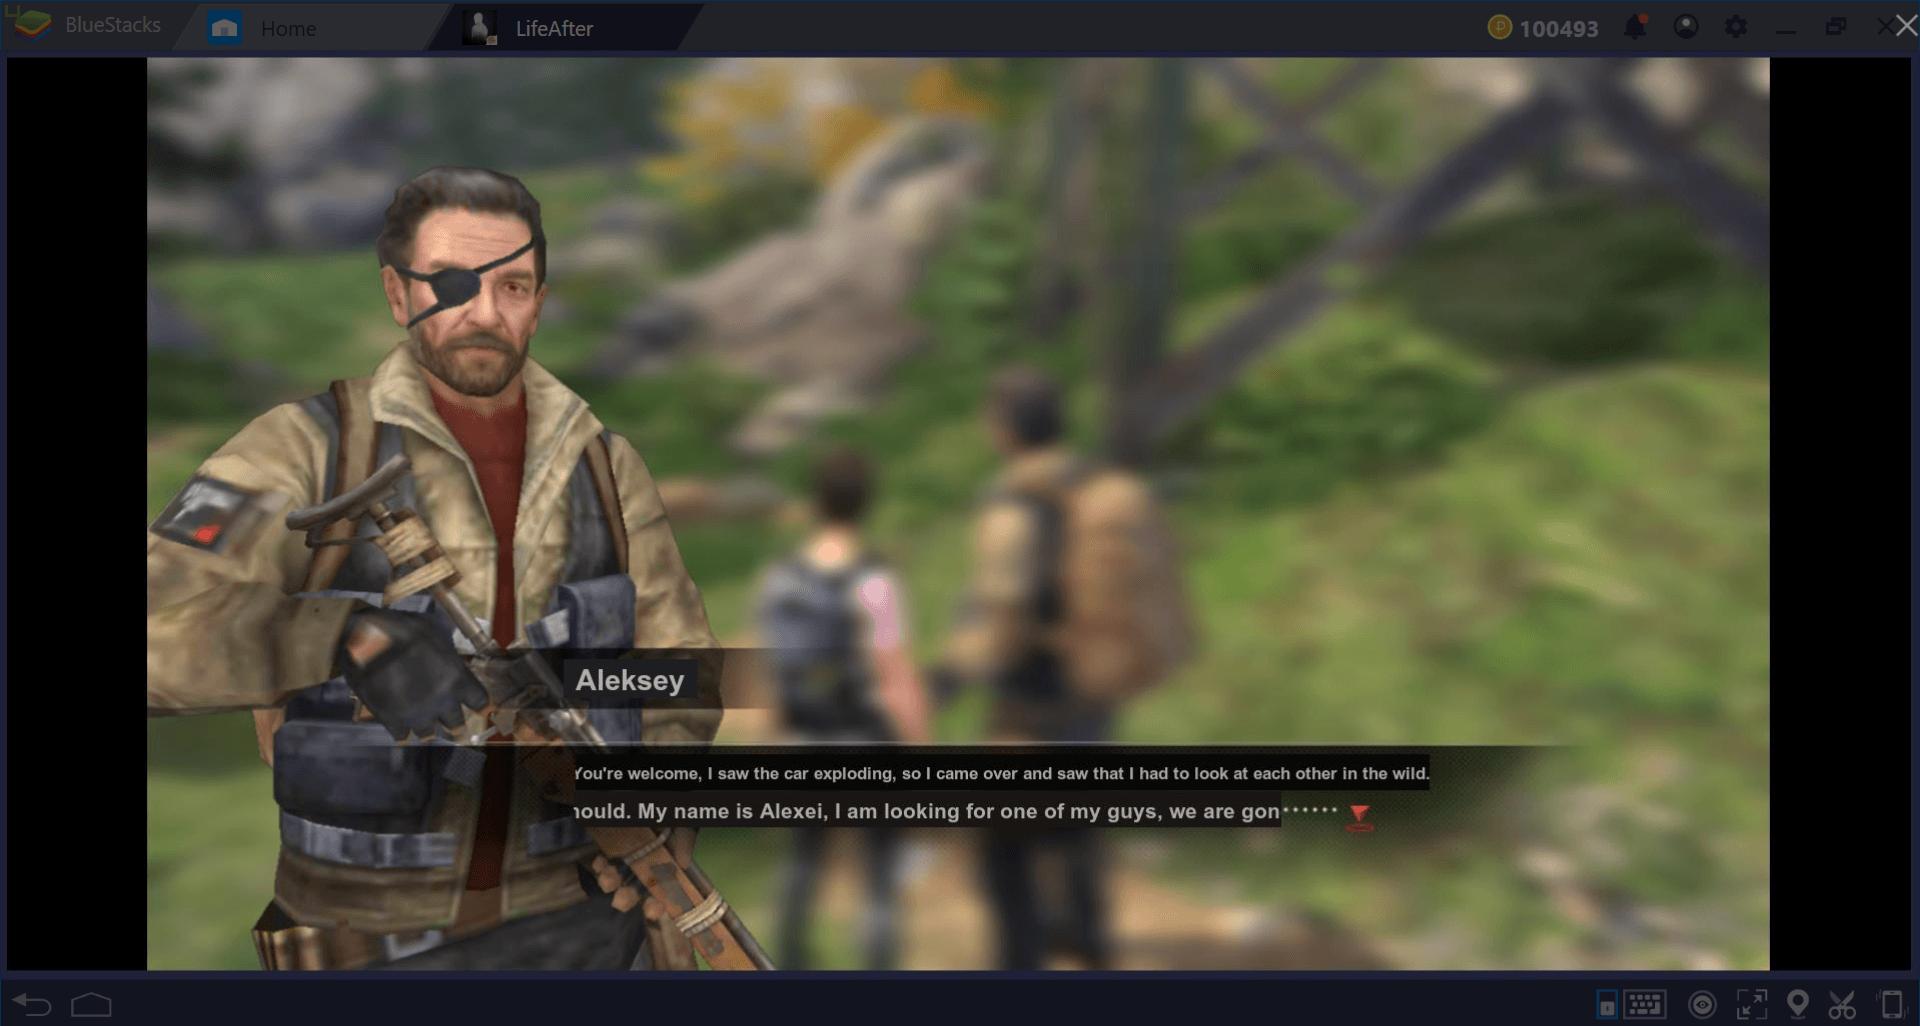 BlueStacks 실시간 인게임 번역기: 이제는 한글화를 기다리지 마세요